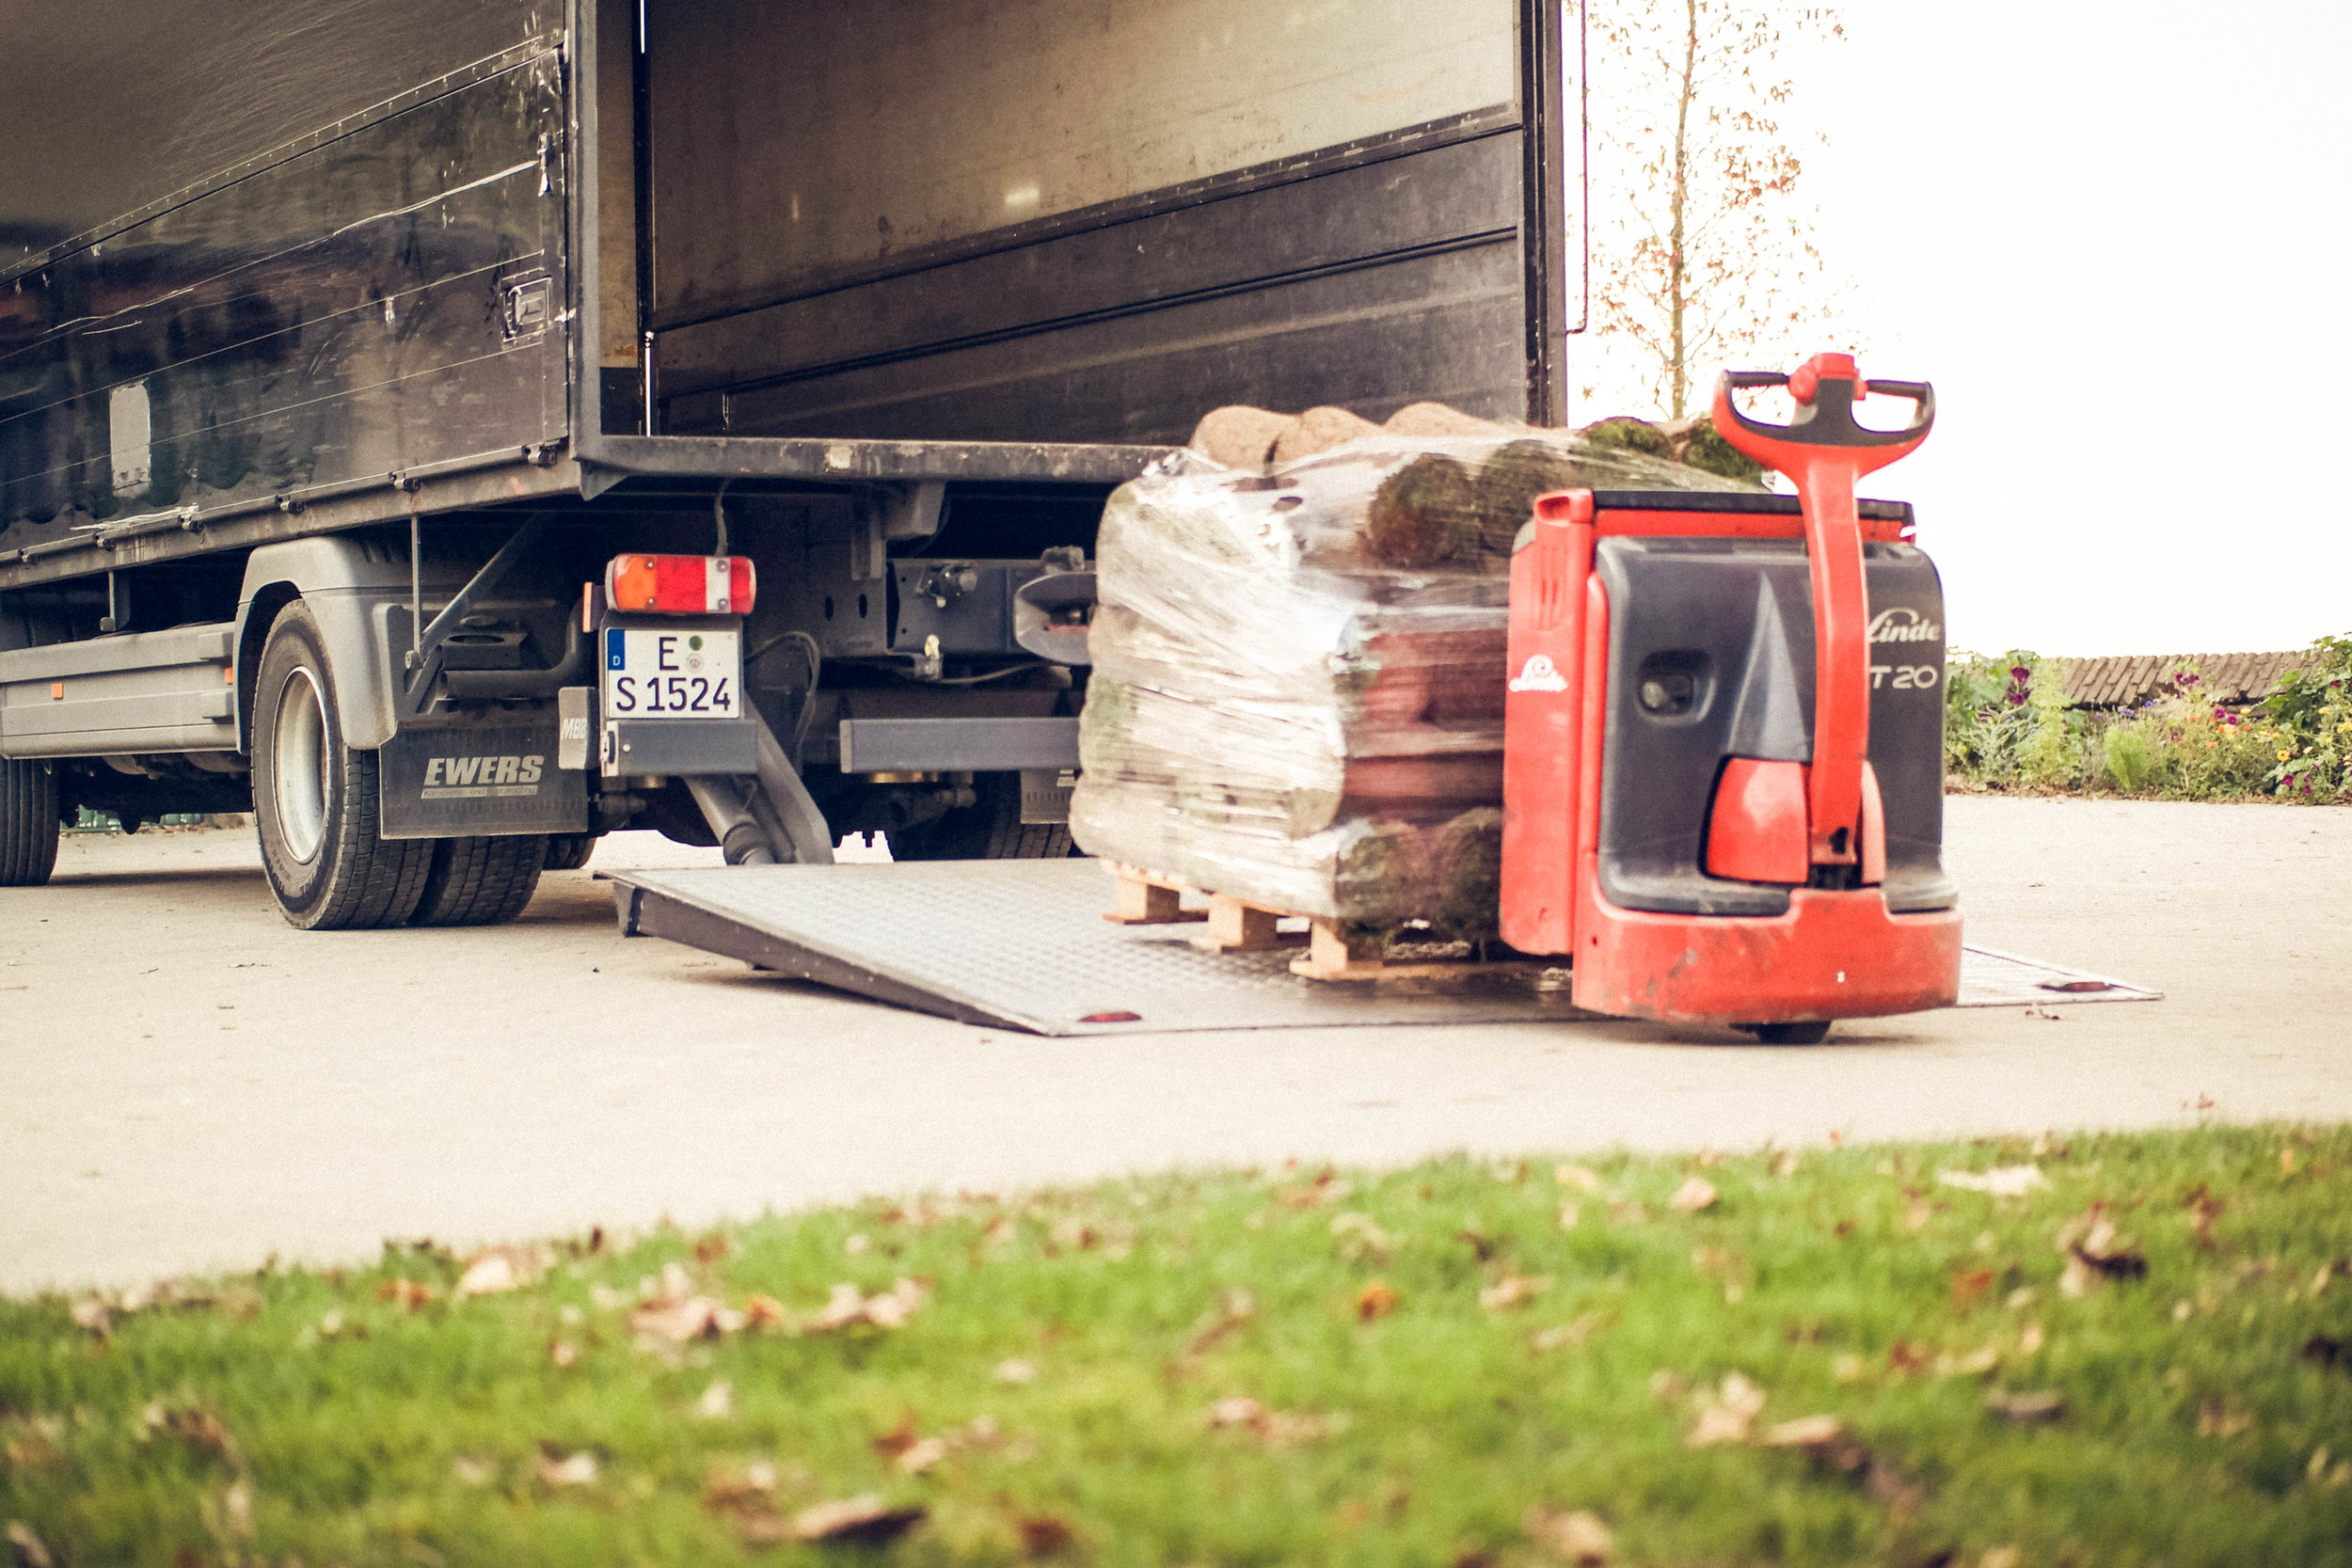 Anlieferung - Die Anlieferung des Rasens erfolgt als Palettenware mit einem Hubwagen. Bitte beachten Sie, dass wir nur auf ebenen befestigtem Untergrund fahren können und eine Mindestdurchfahrtsbreite (Gartentor) von 1,20 m benötigen.